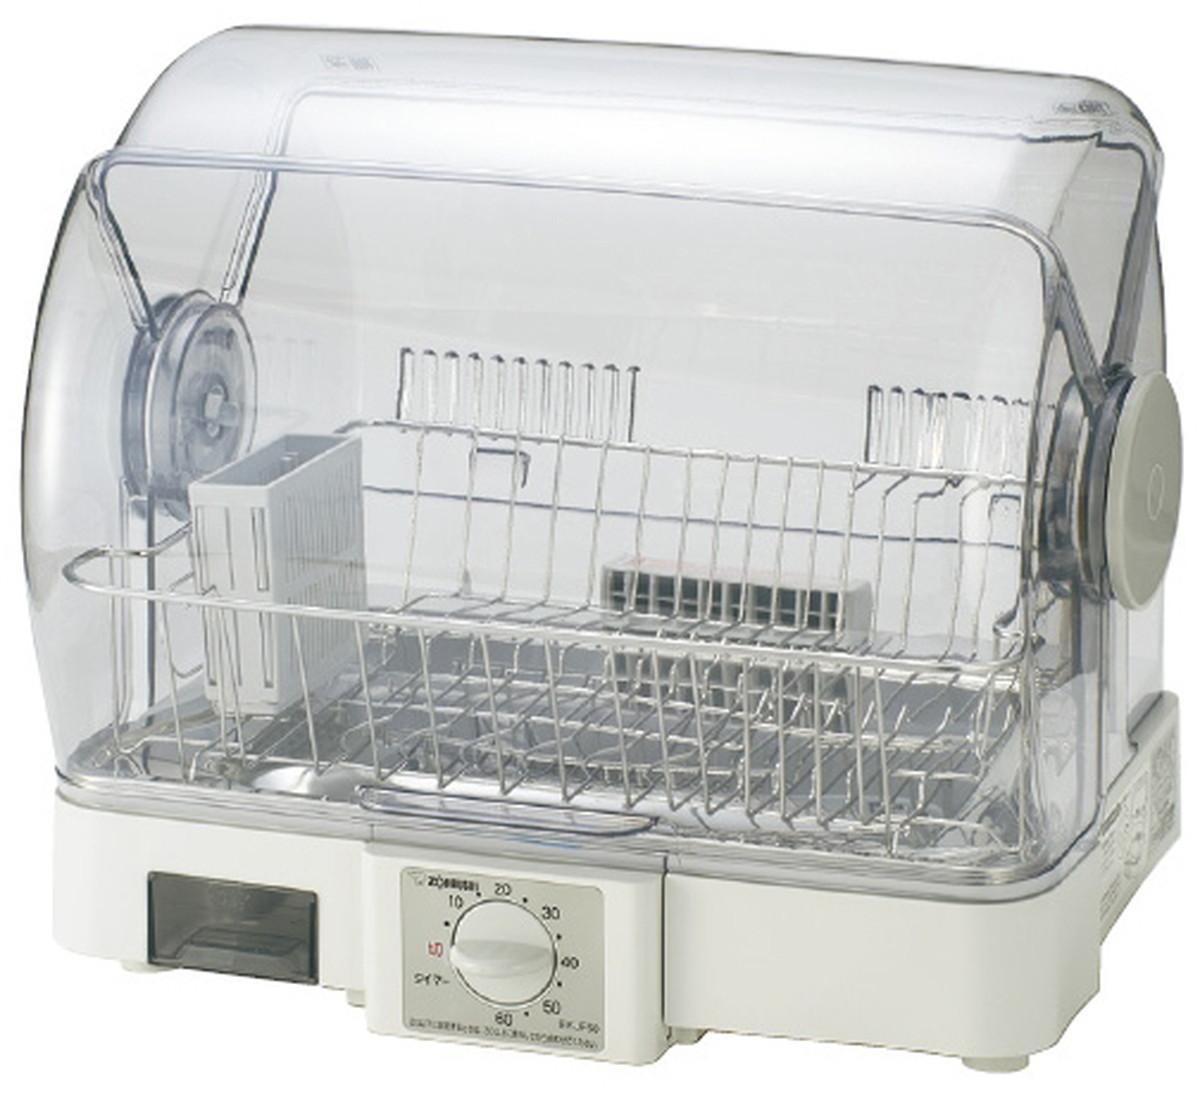 ★ポイント最大16倍★【送料無料】-食器乾燥器 EY-JF50-HA 品番 my24-4518-00-- 1入り-【MY医科器機】JAN 4974305210845